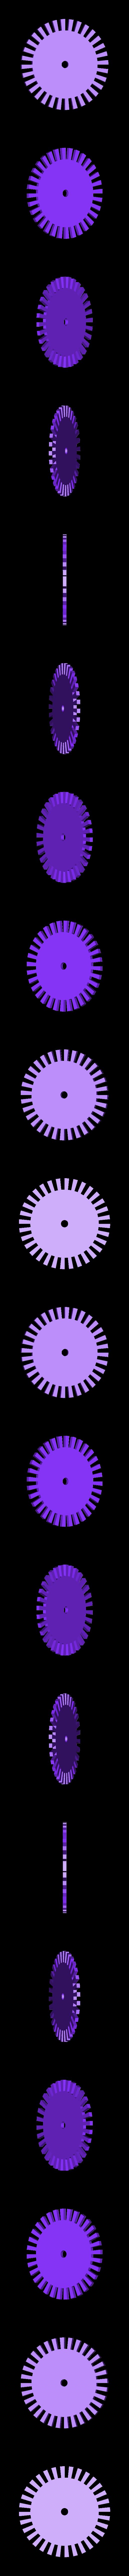 Filament_Sensor_Wheel.stl Télécharger fichier STL gratuit Capteur optique à filament - pour filament de 1,75mm • Objet pour imprimante 3D, CVMichael